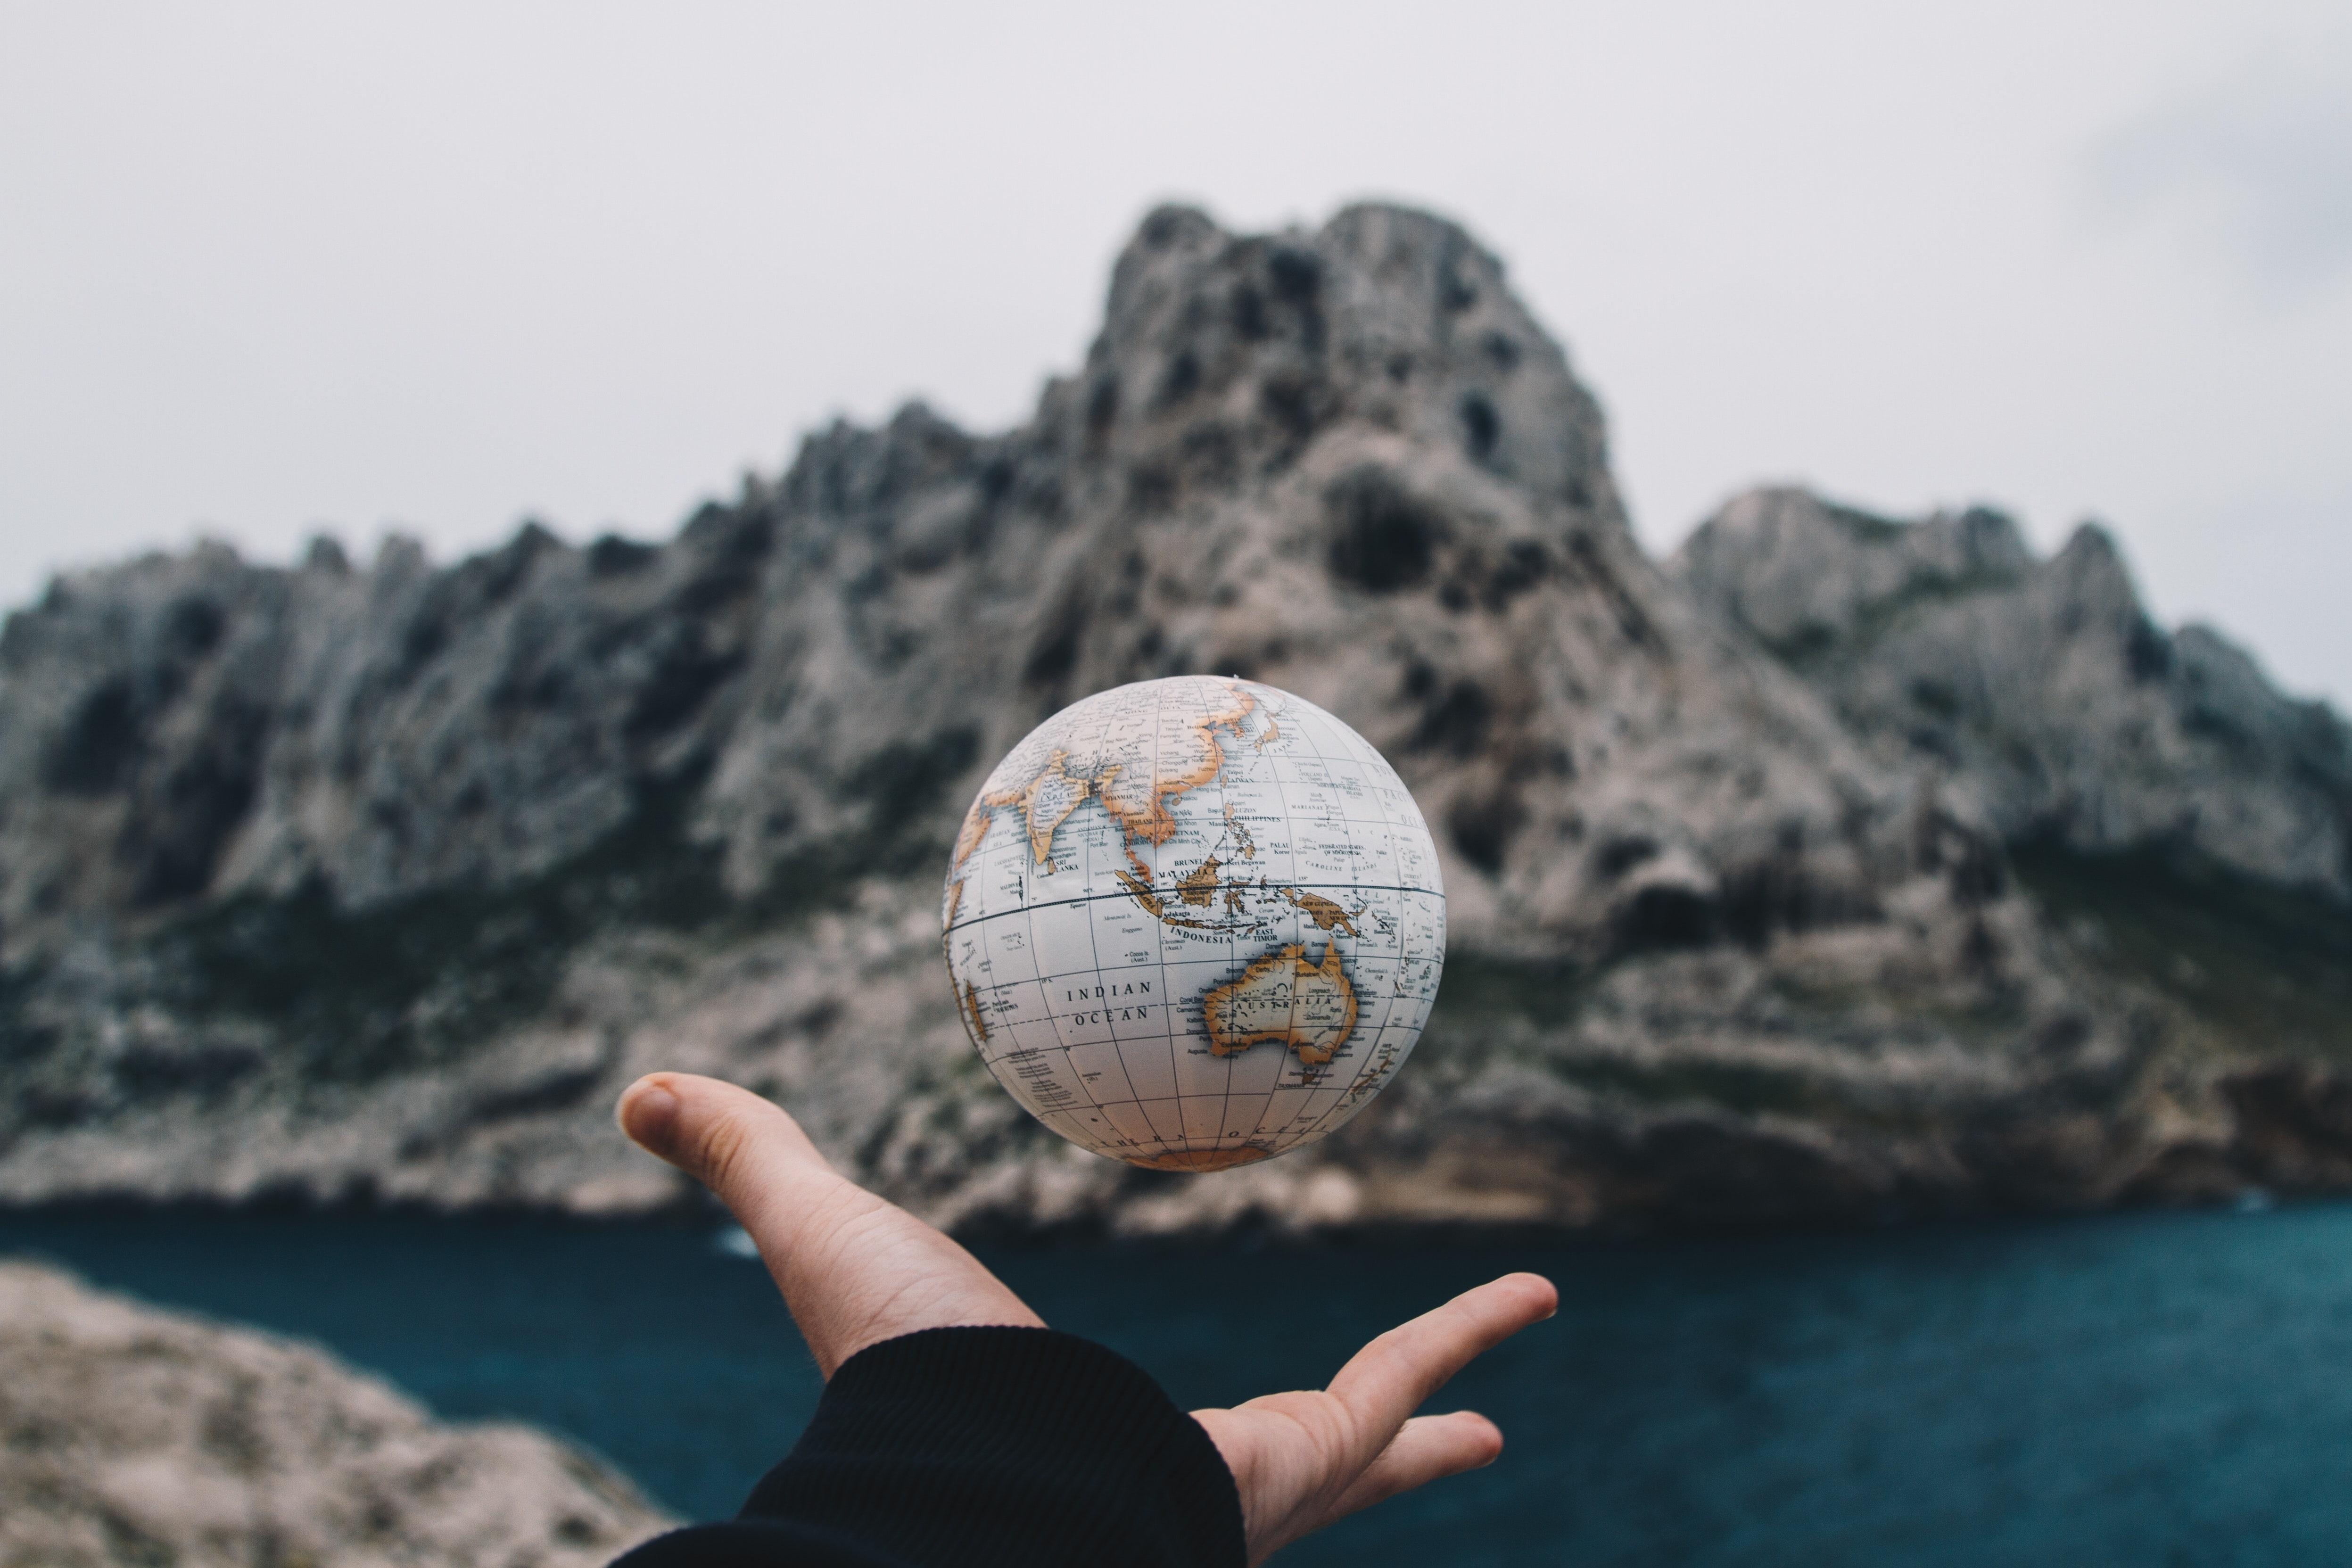 floating world globe